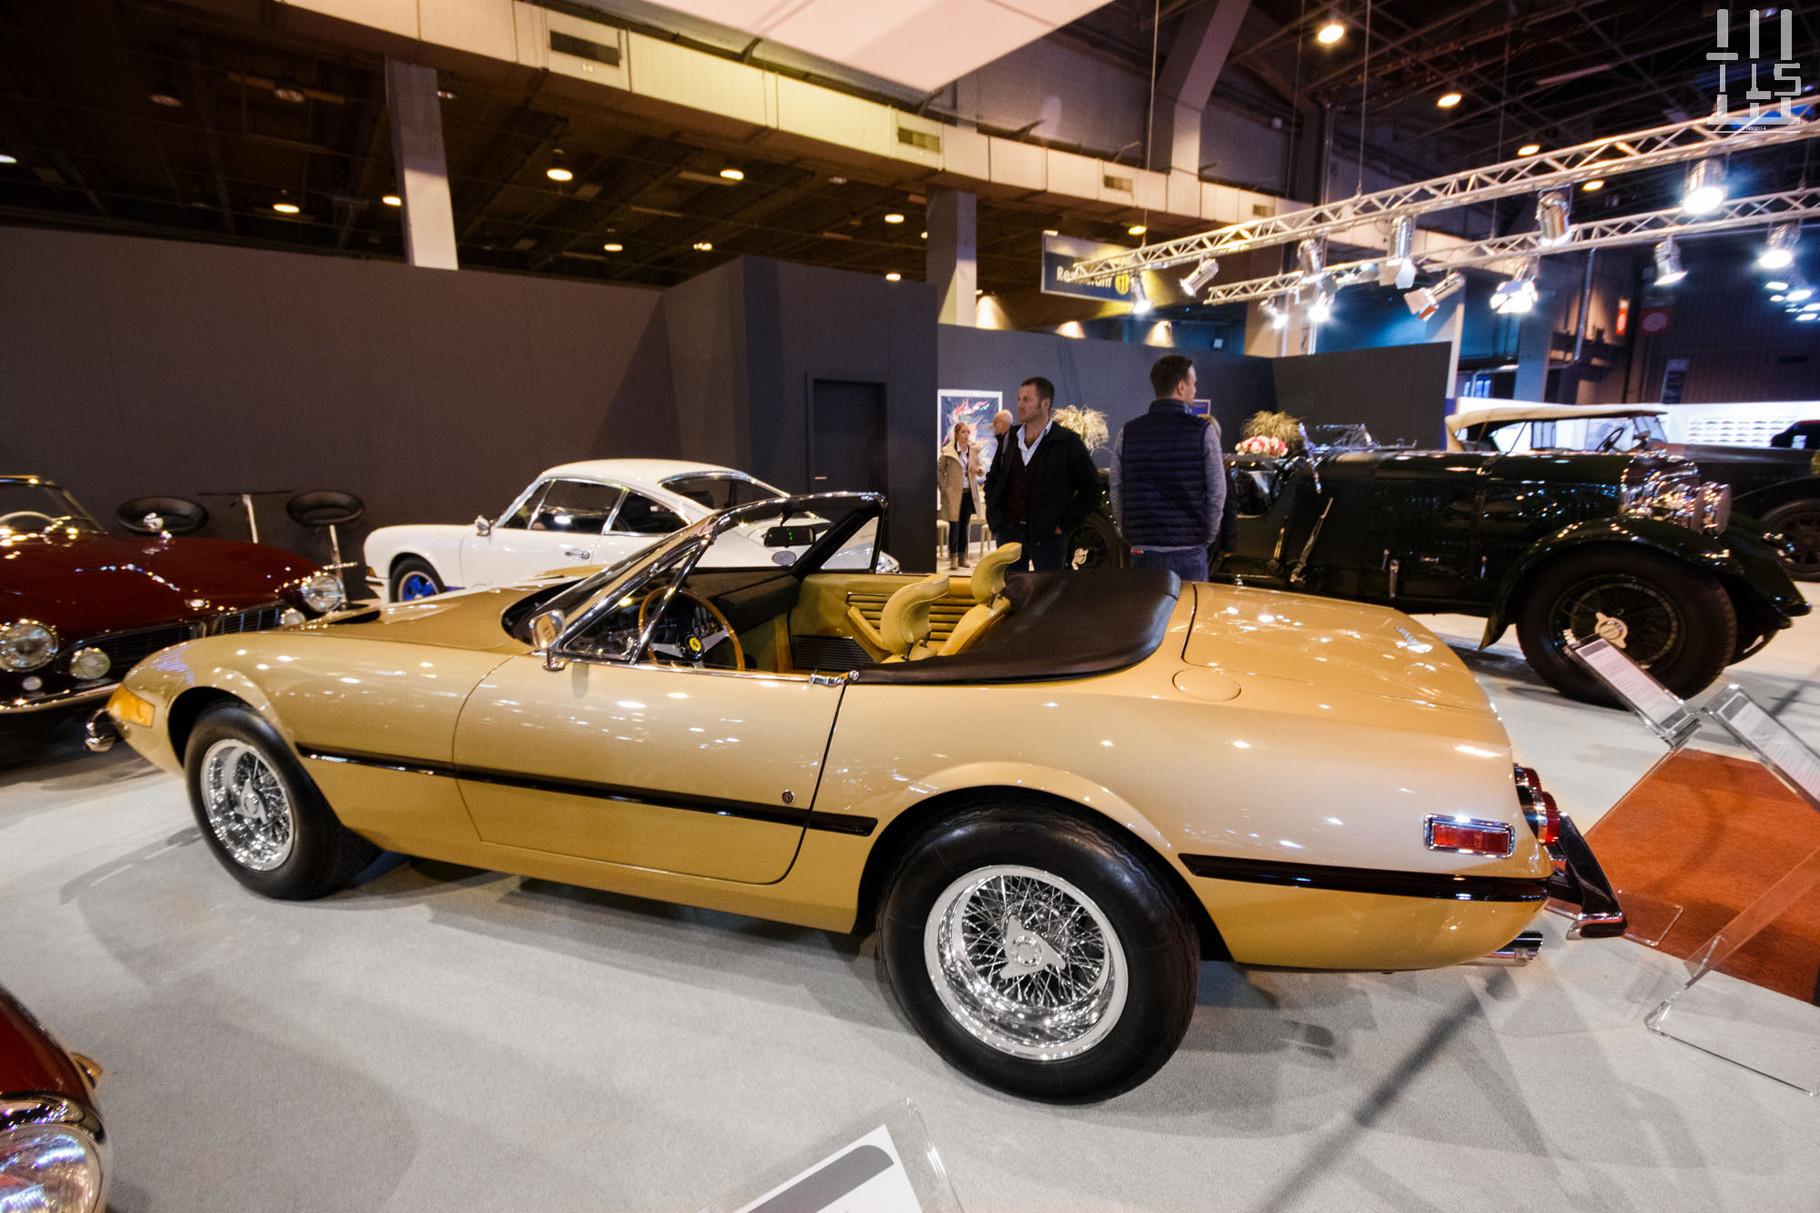 Retour chez Axel Schuette avec la première Ferrari 365 GTS/4 Daytona sortie de l'usine Maranello. La teinte Oro Chiaro est celle que je voudrais sur ma Daytona si j'en possède un jour une.